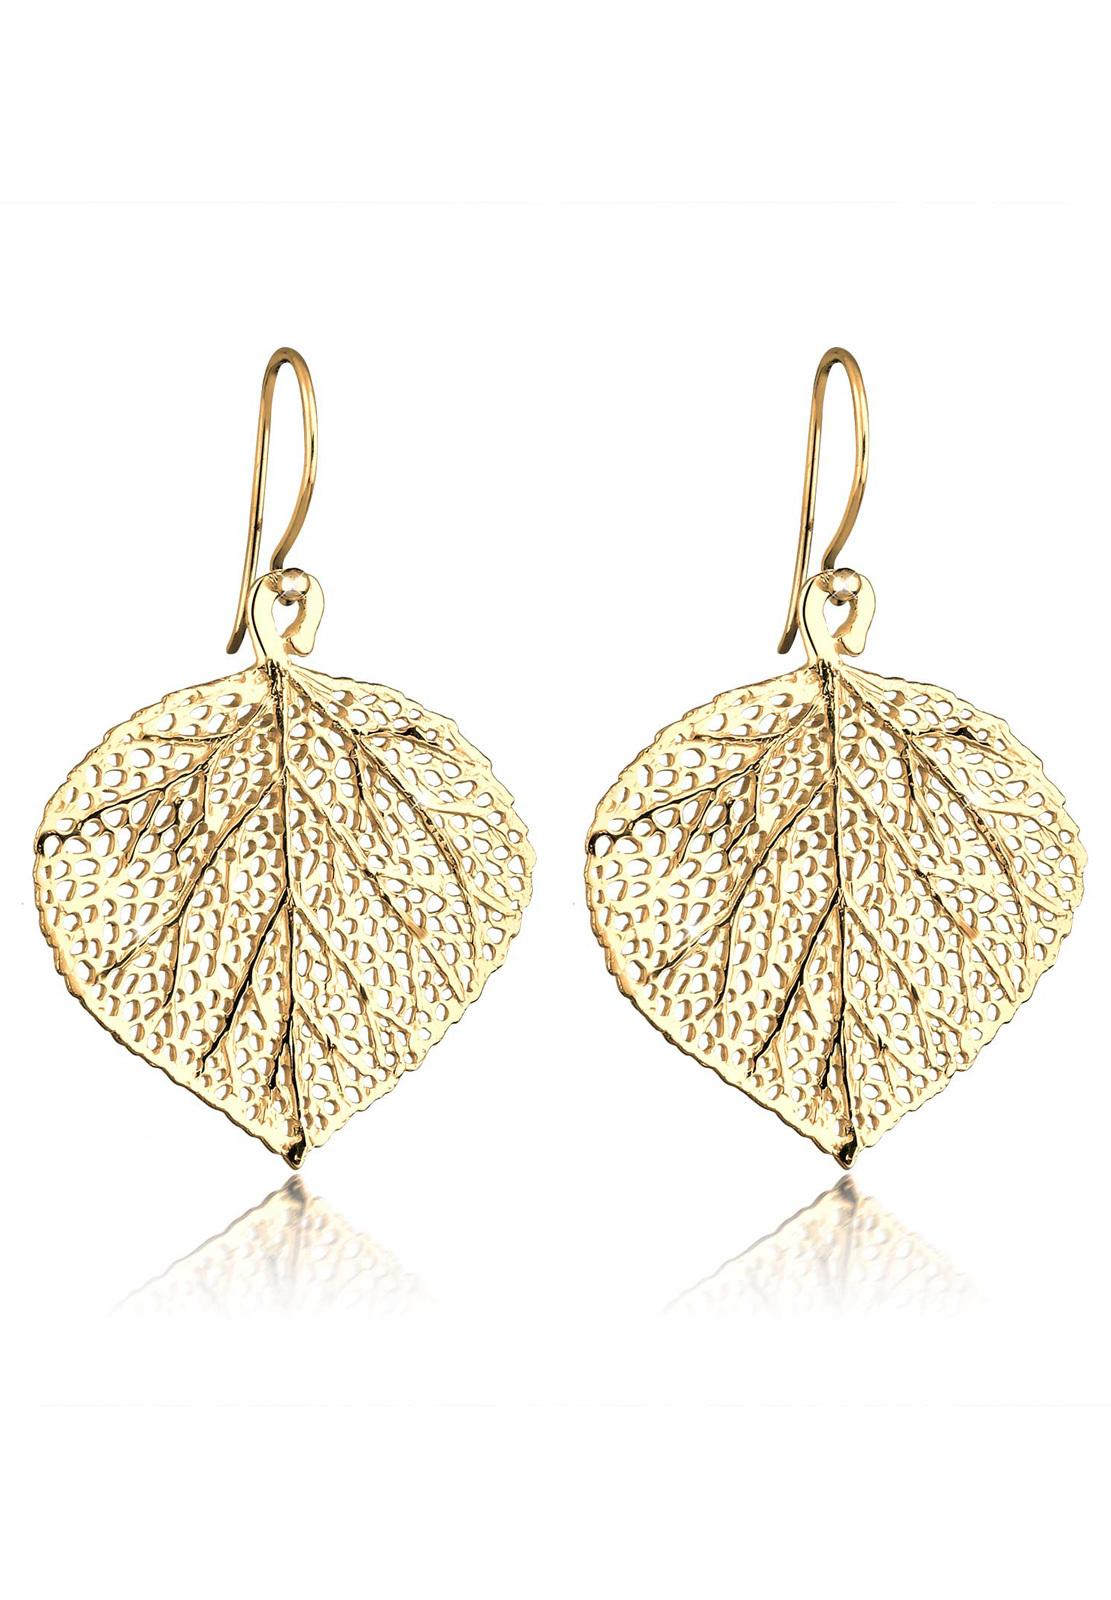 Ohrhänger Blatt | 925 Sterling Silber vergoldet